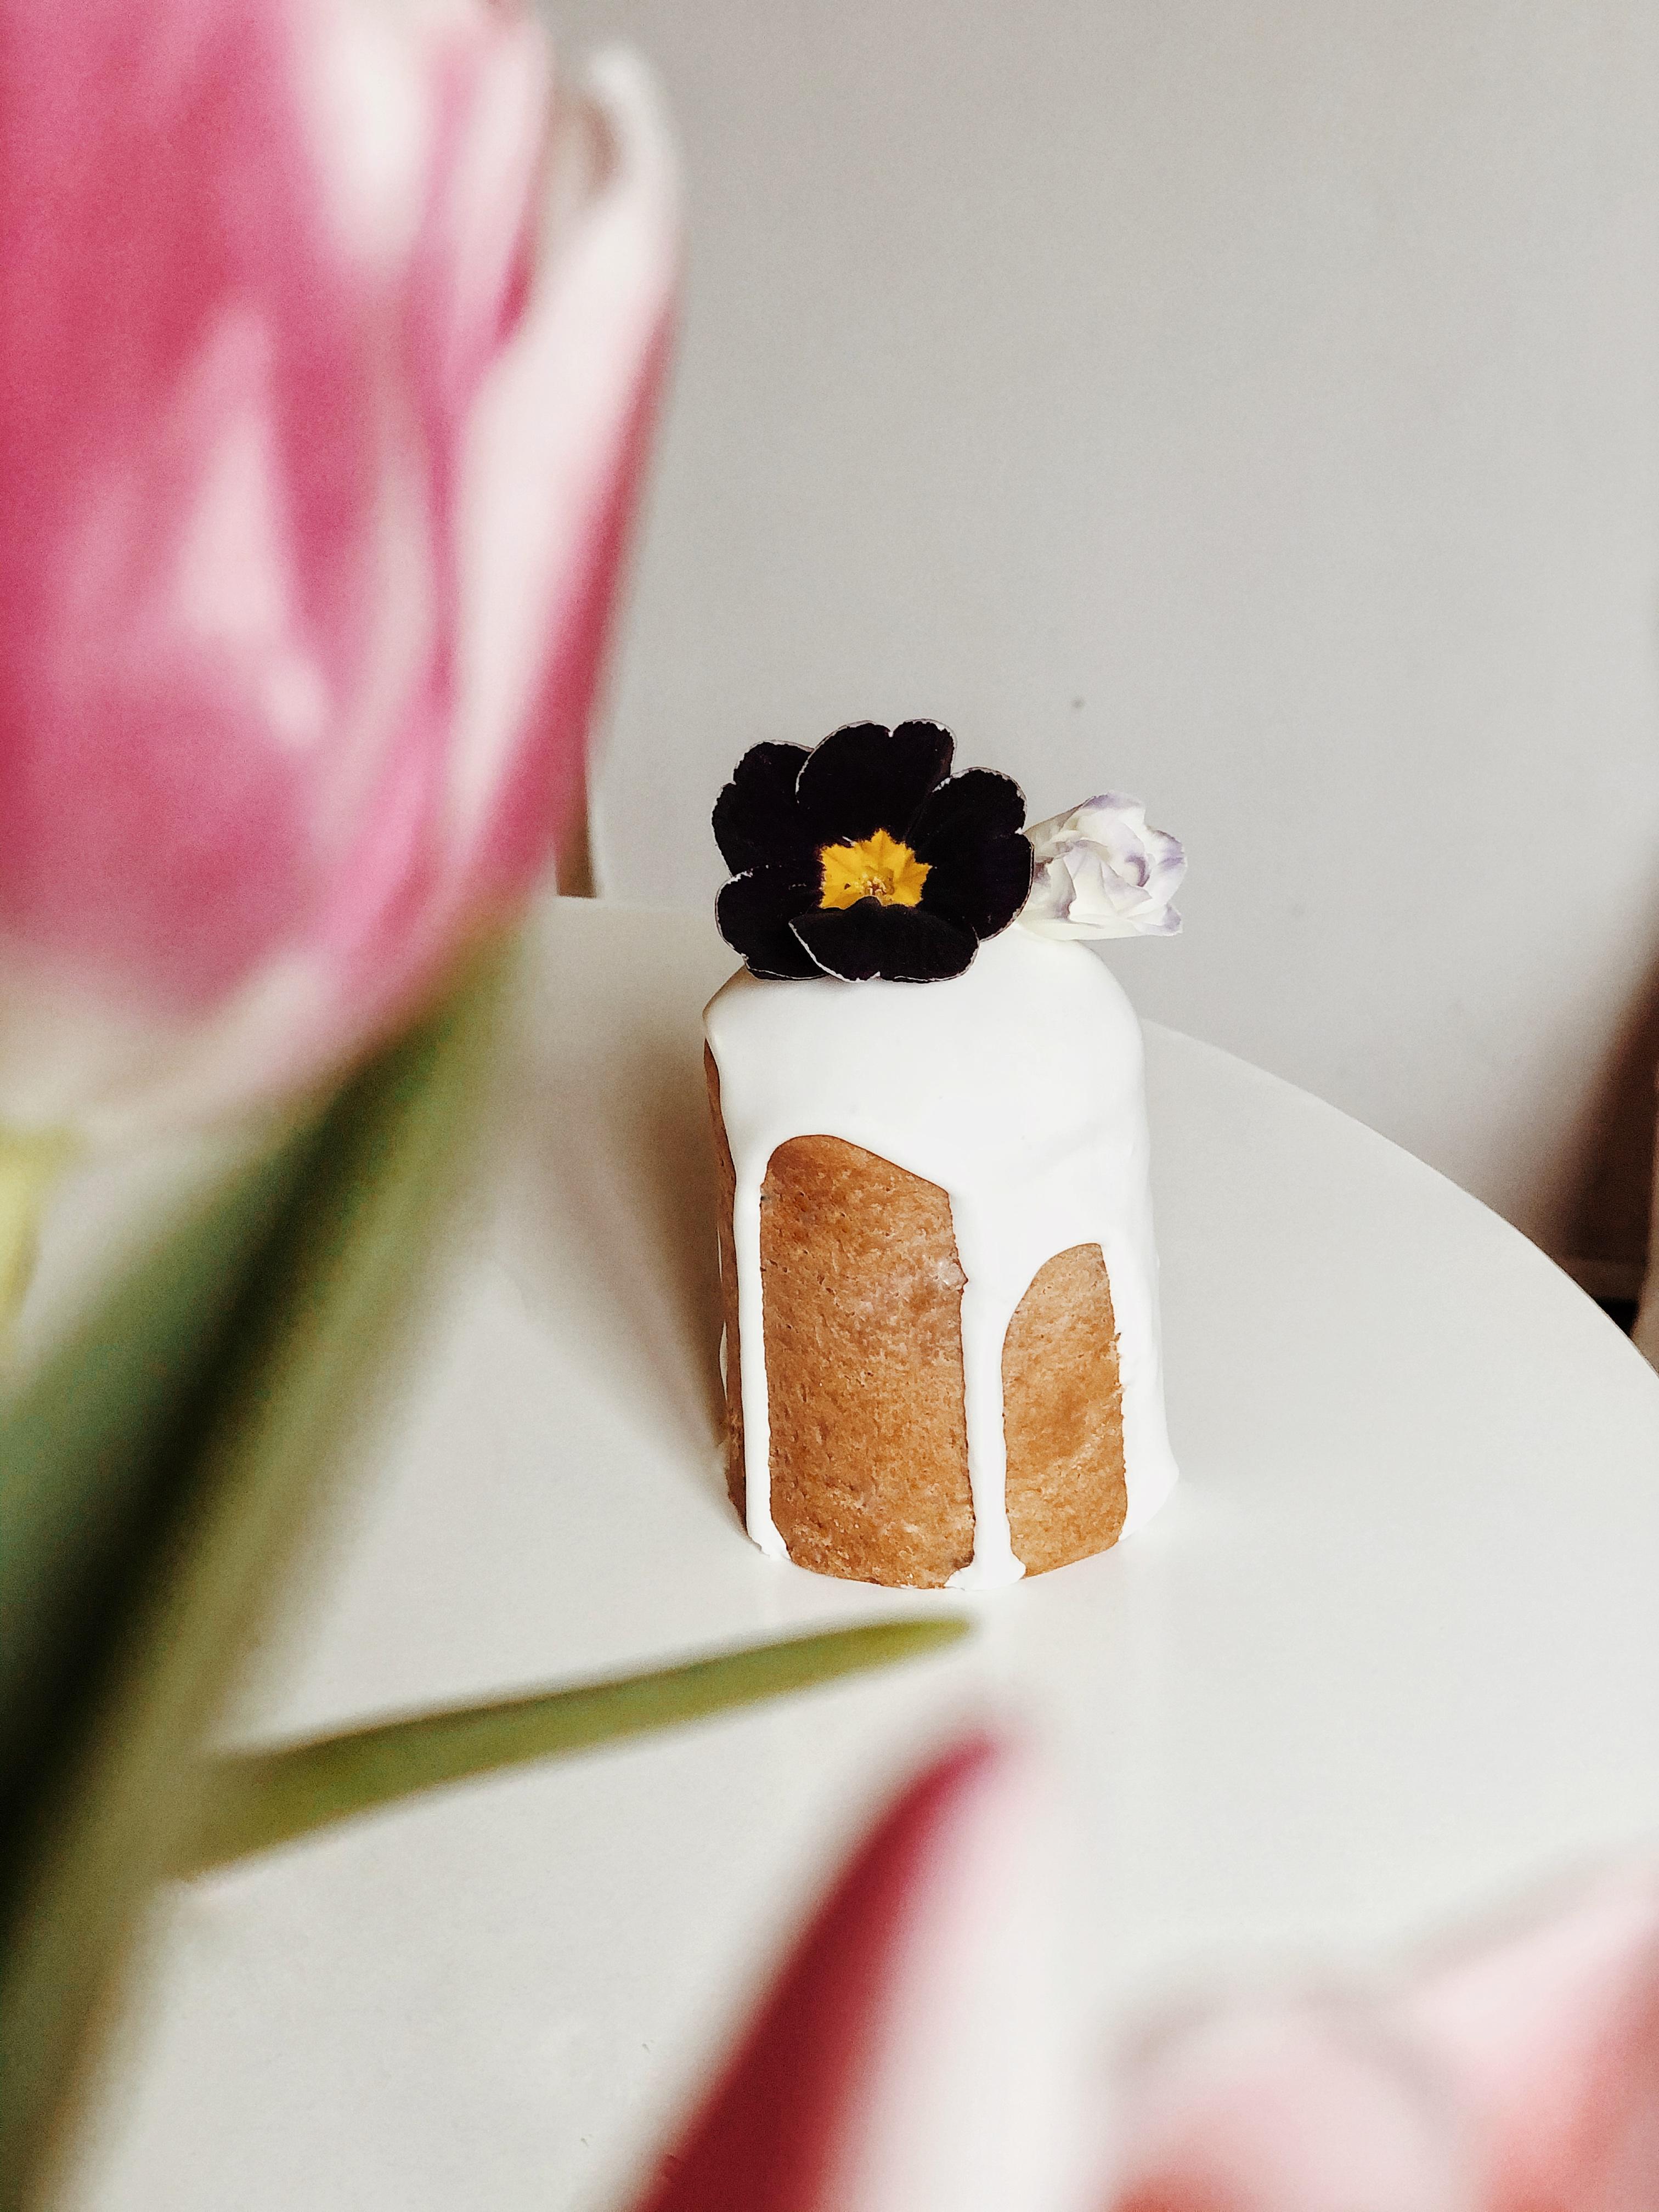 koulitch décoré avec des fleurs